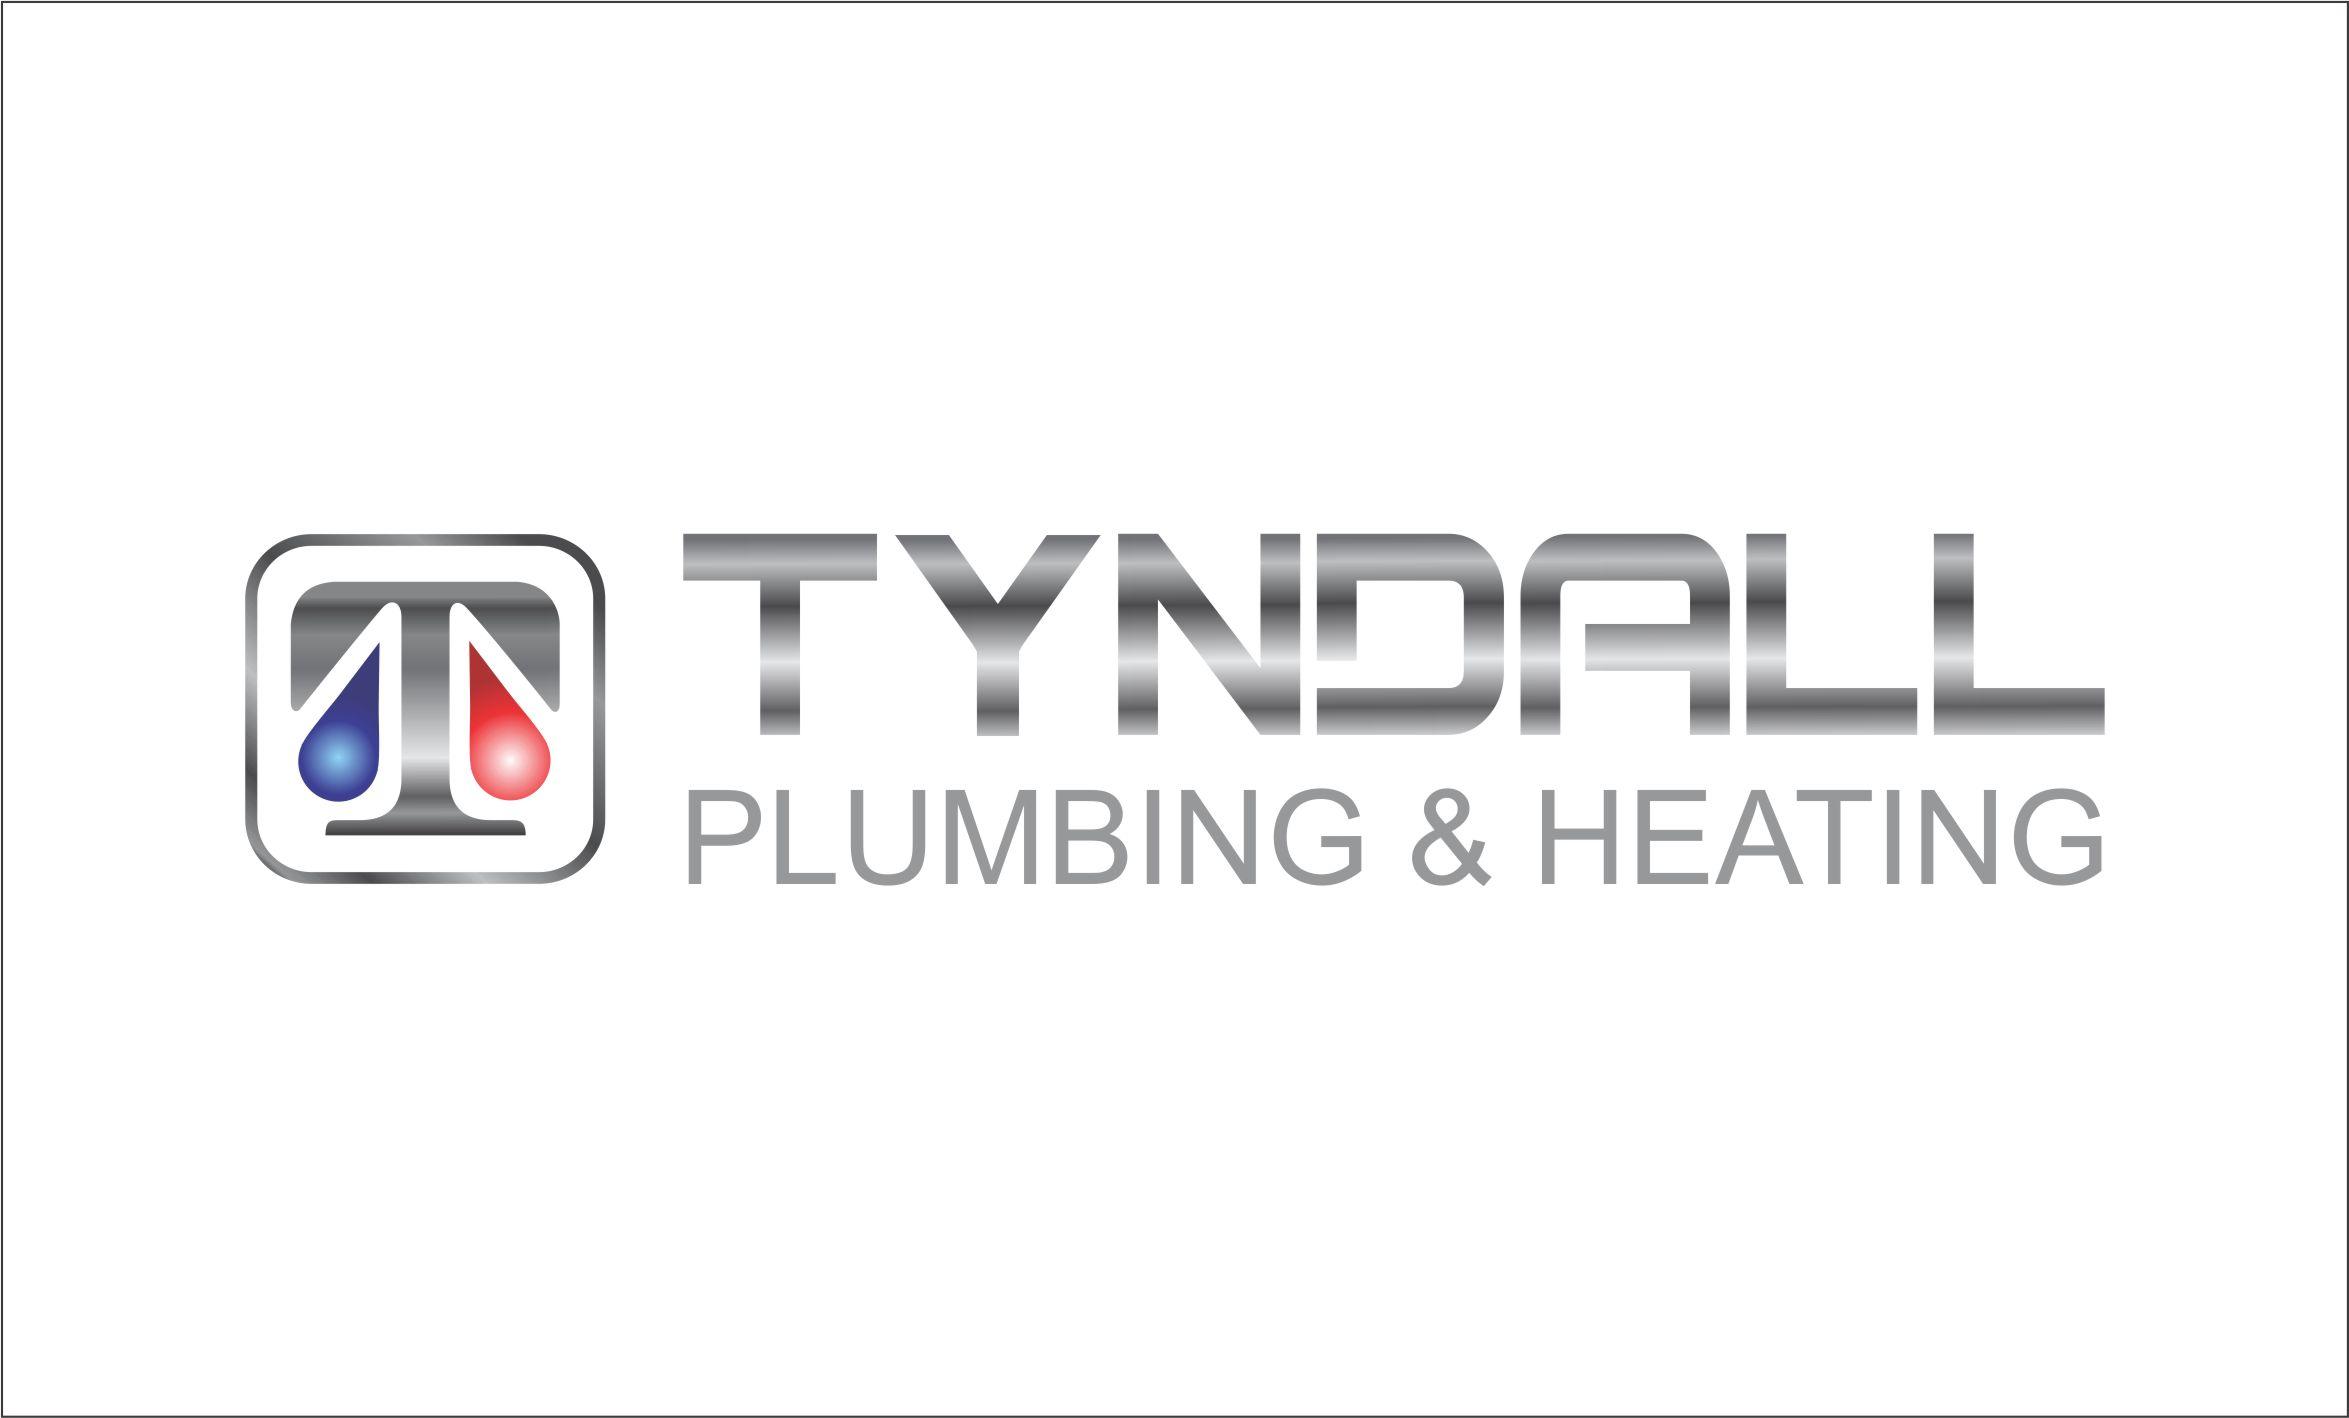 Logo Design by Nikola Kapunac - Entry No. 153 in the Logo Design Contest Imaginative Logo Design for Tyndall Plumbing & Heating.